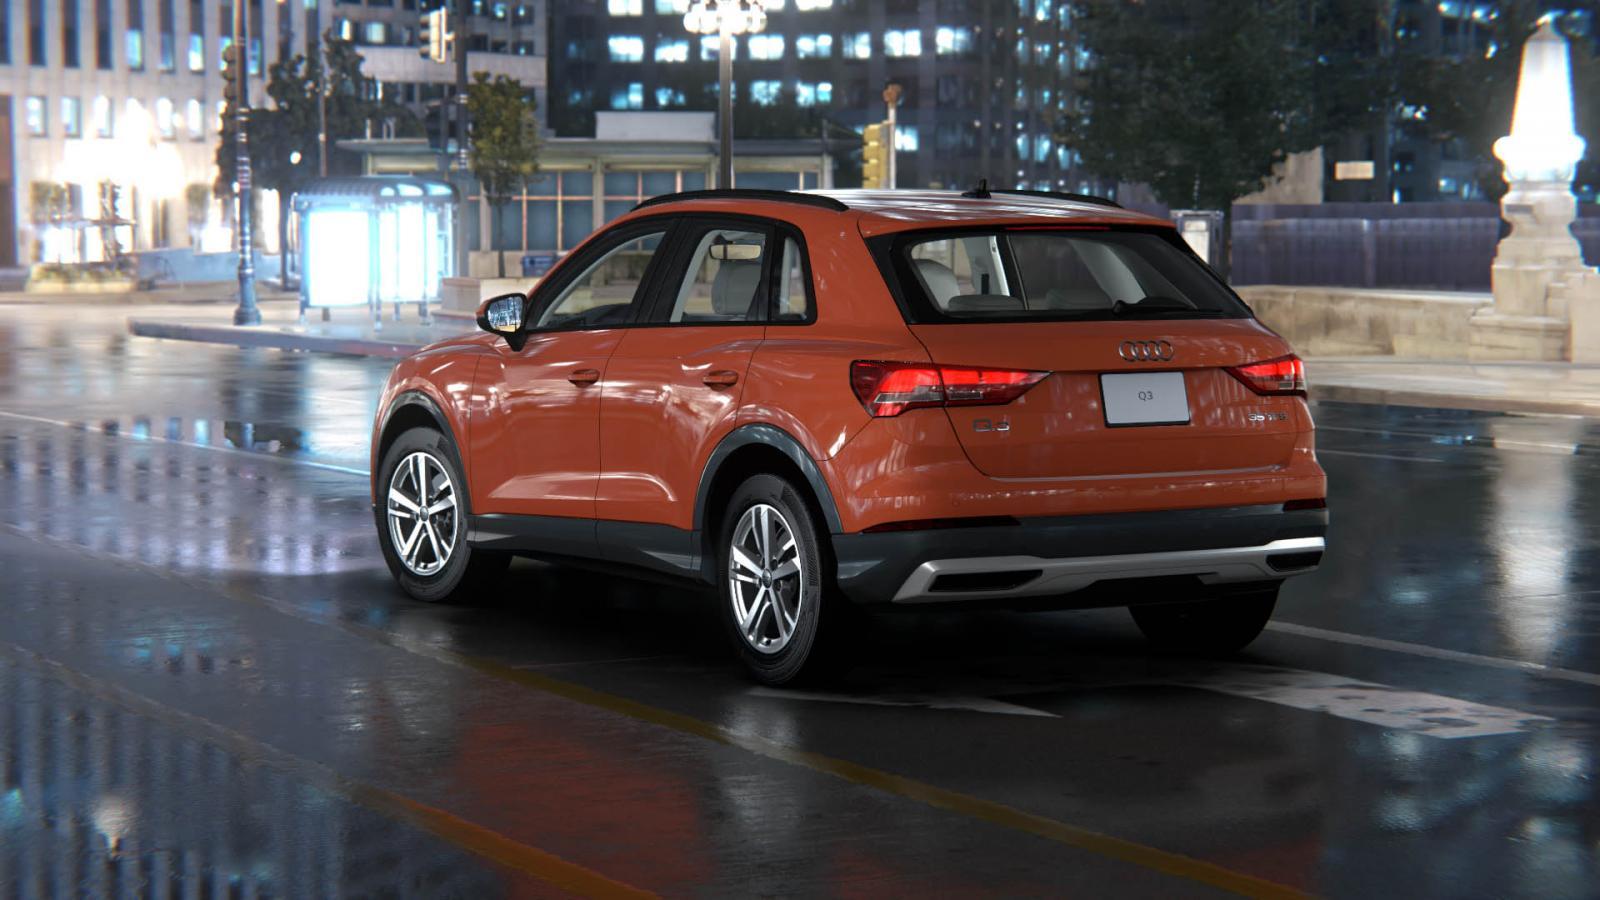 La Audi Q3 precio mexico tiene un interior cómodo